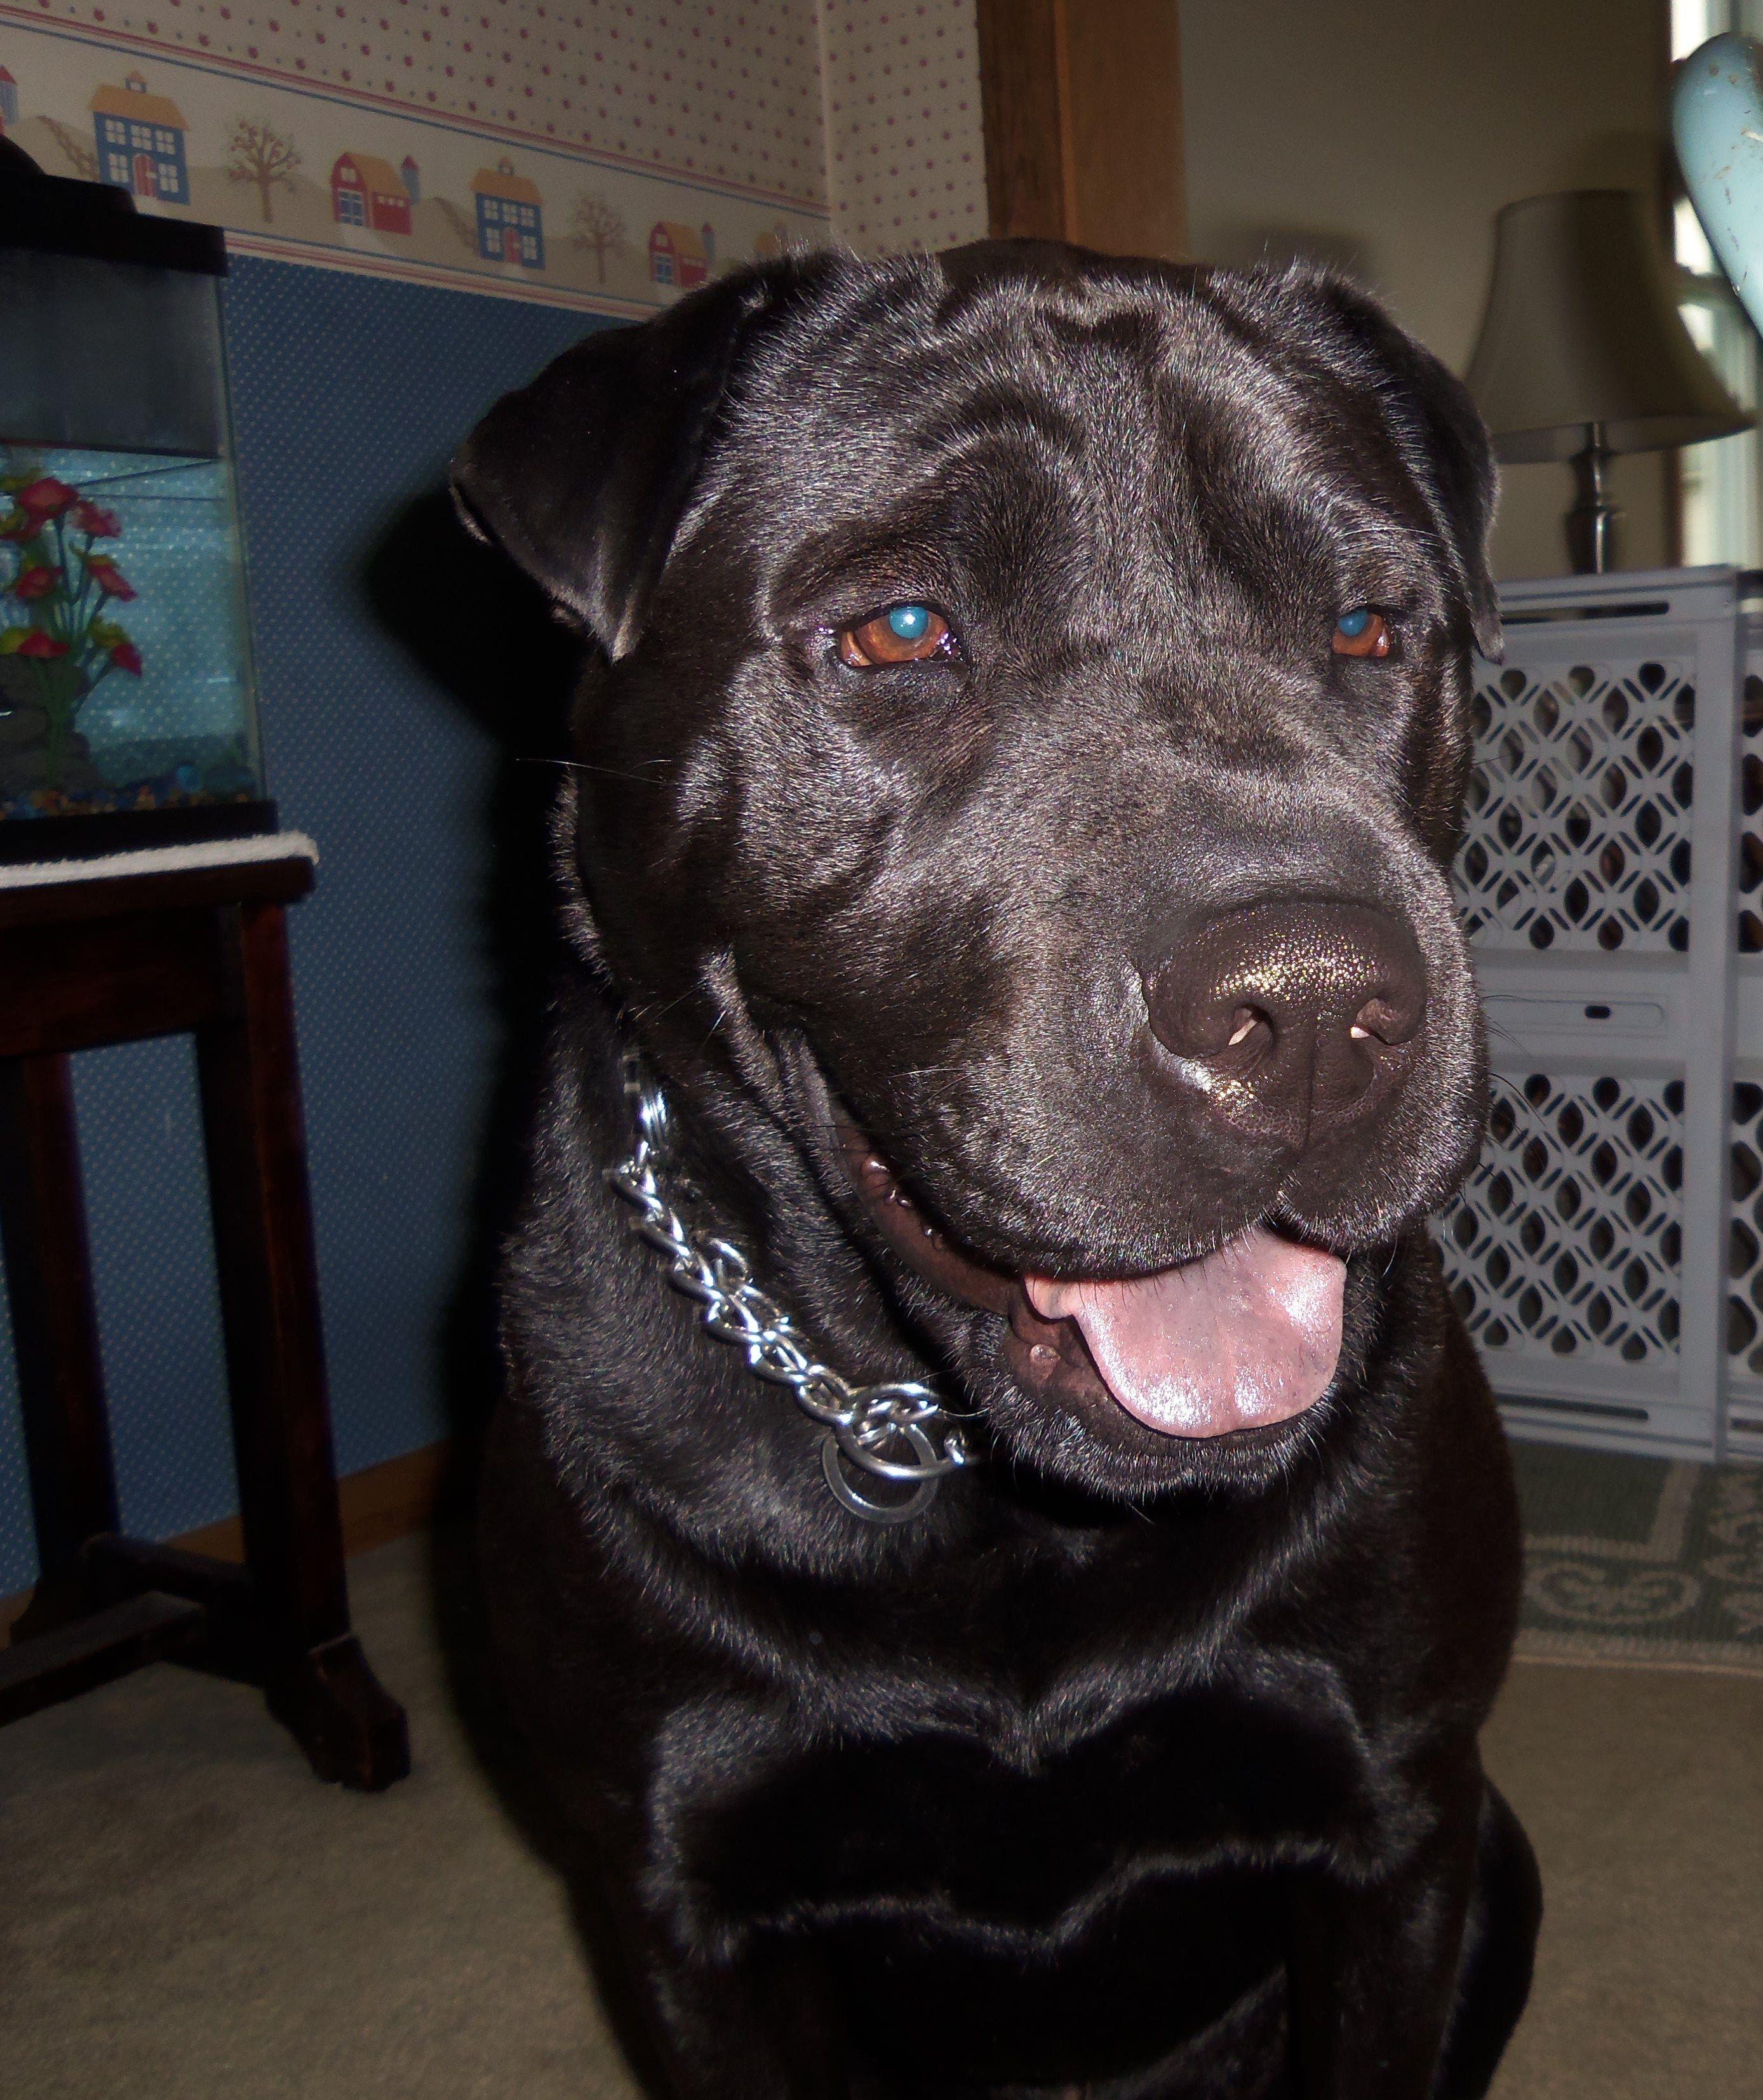 Black Lab Shar Pei Mix My Dog Jake With Images Shar Pei